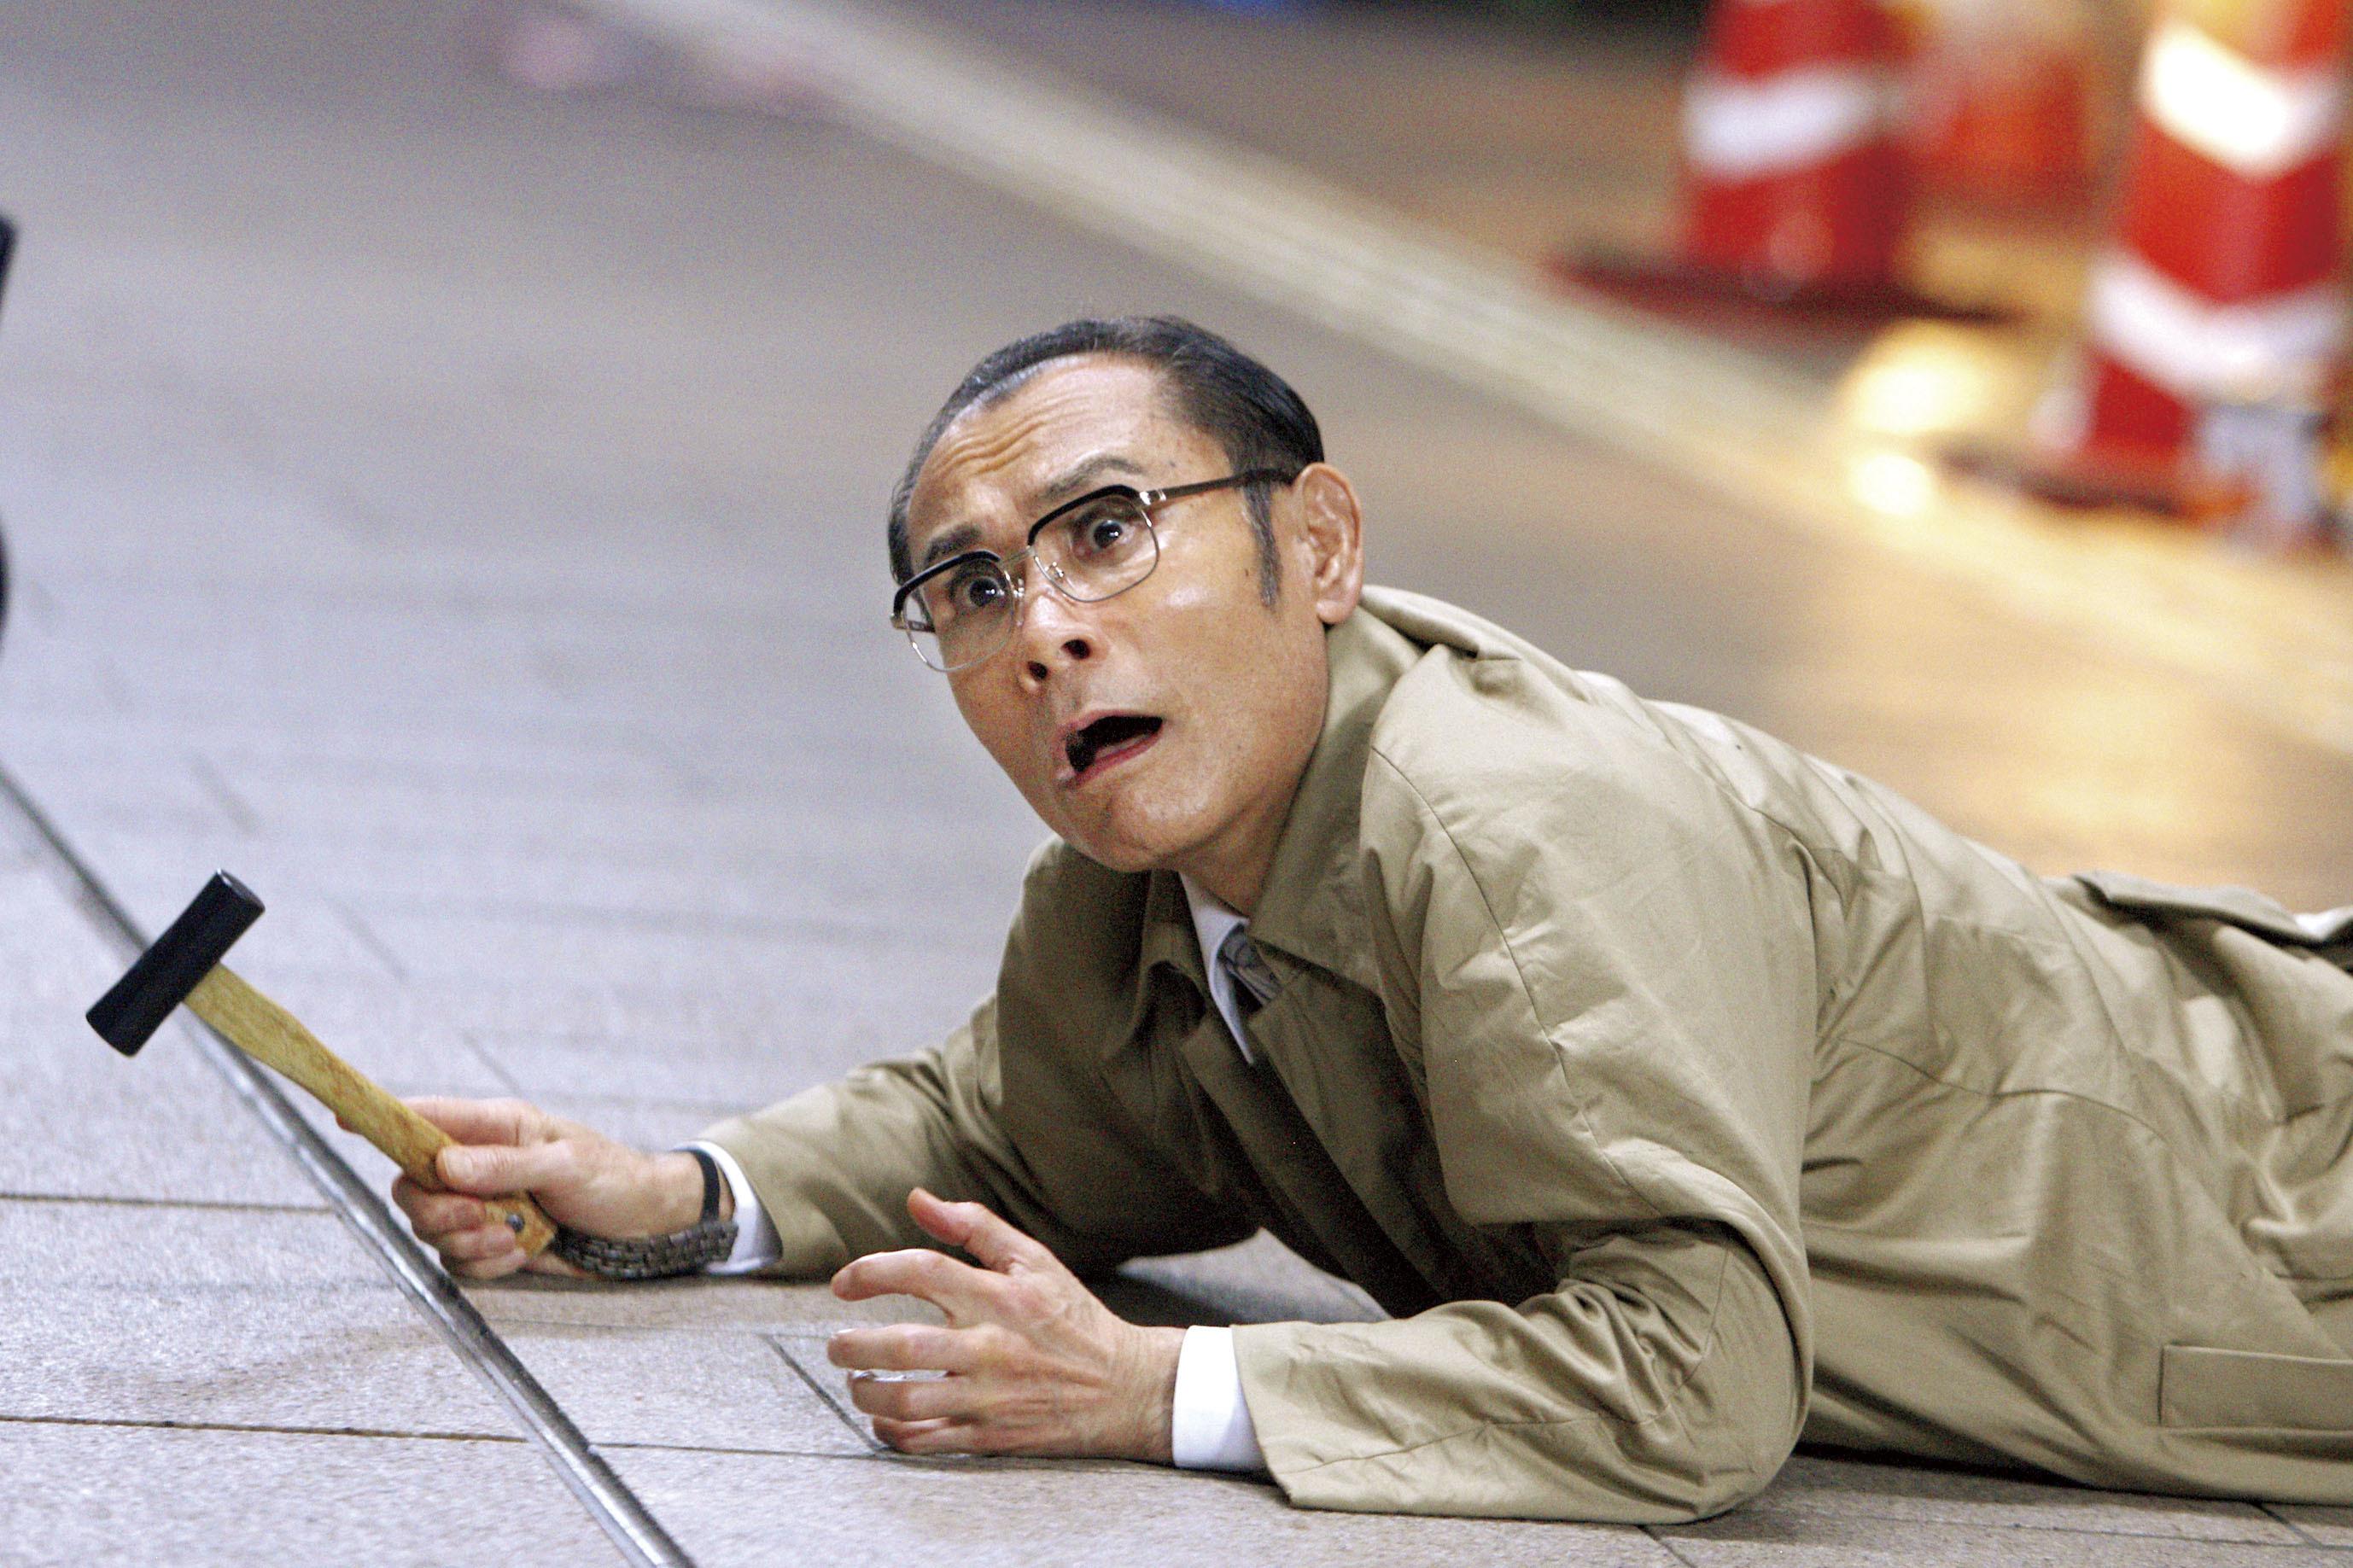 片岡鶴太郎 (C)福満しげゆき・講談社/映画「ヒーローマニア-生活-」製作委員会